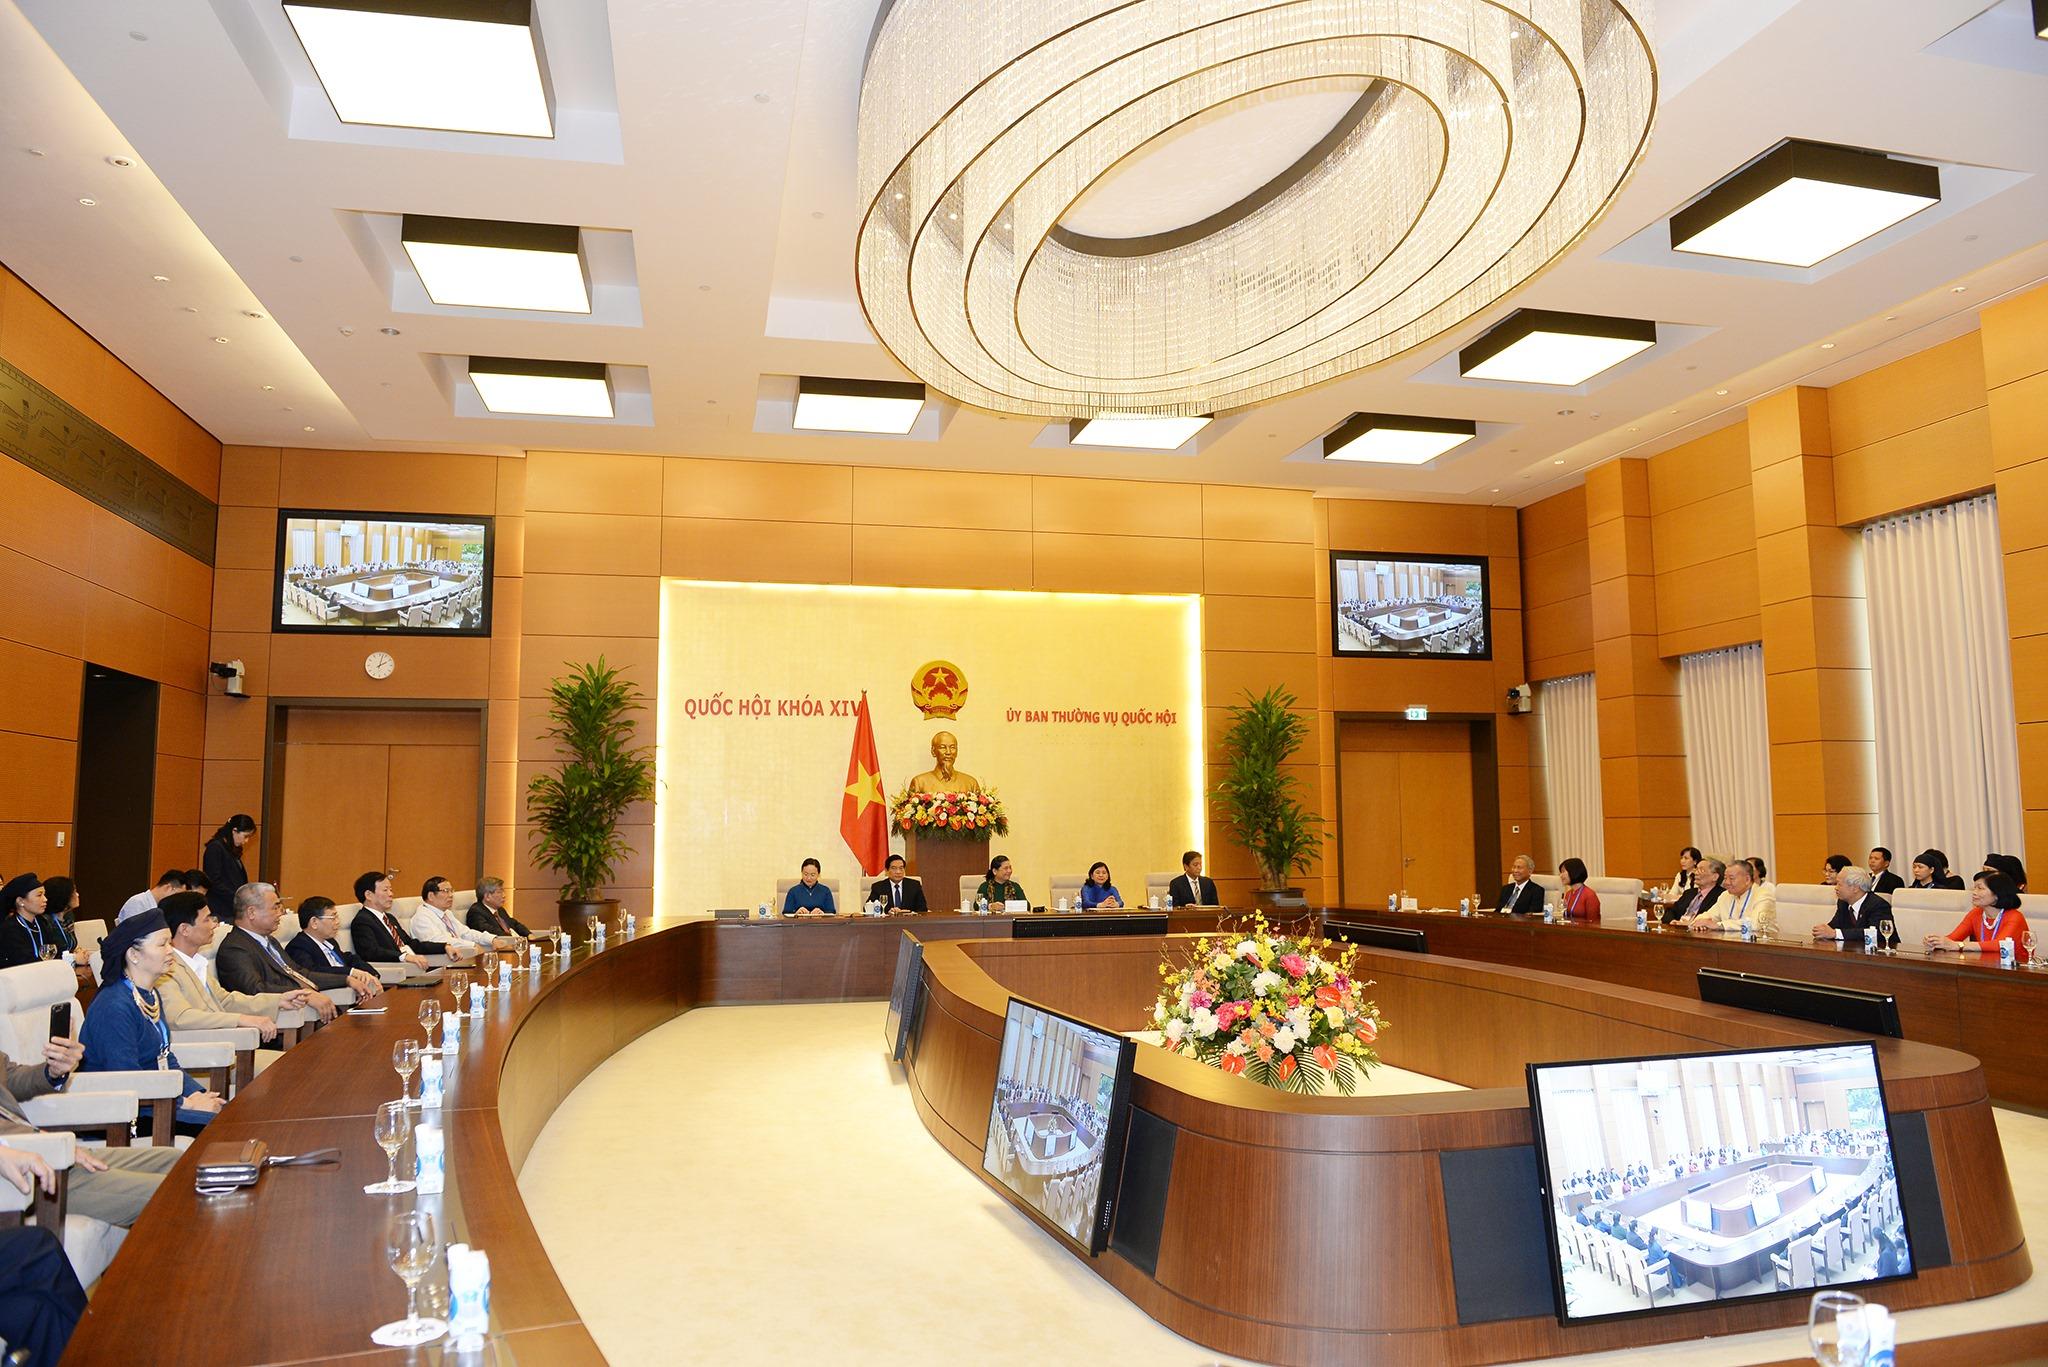 Phó Chủ tịch Thường trực Quốc hội Tòng Thị Phóng gặp mặt Đoàn đại biểu Hội Di sản Văn hóa Việt Nam